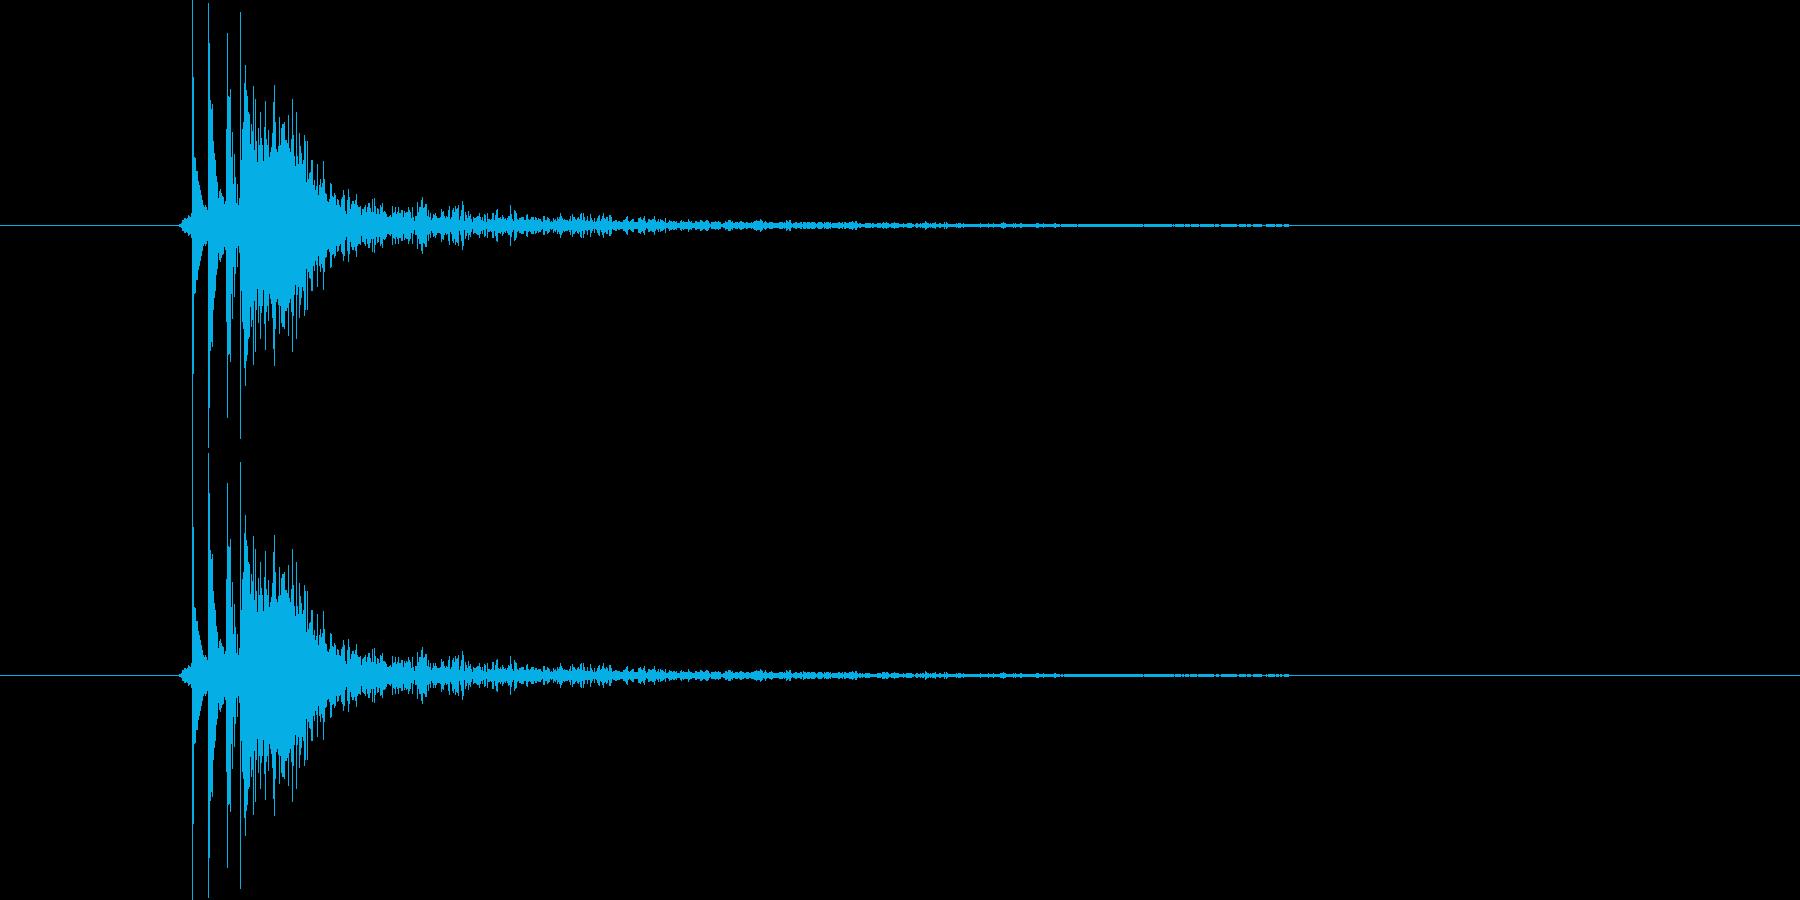 パン 一丁締め(関東一本締め)の再生済みの波形